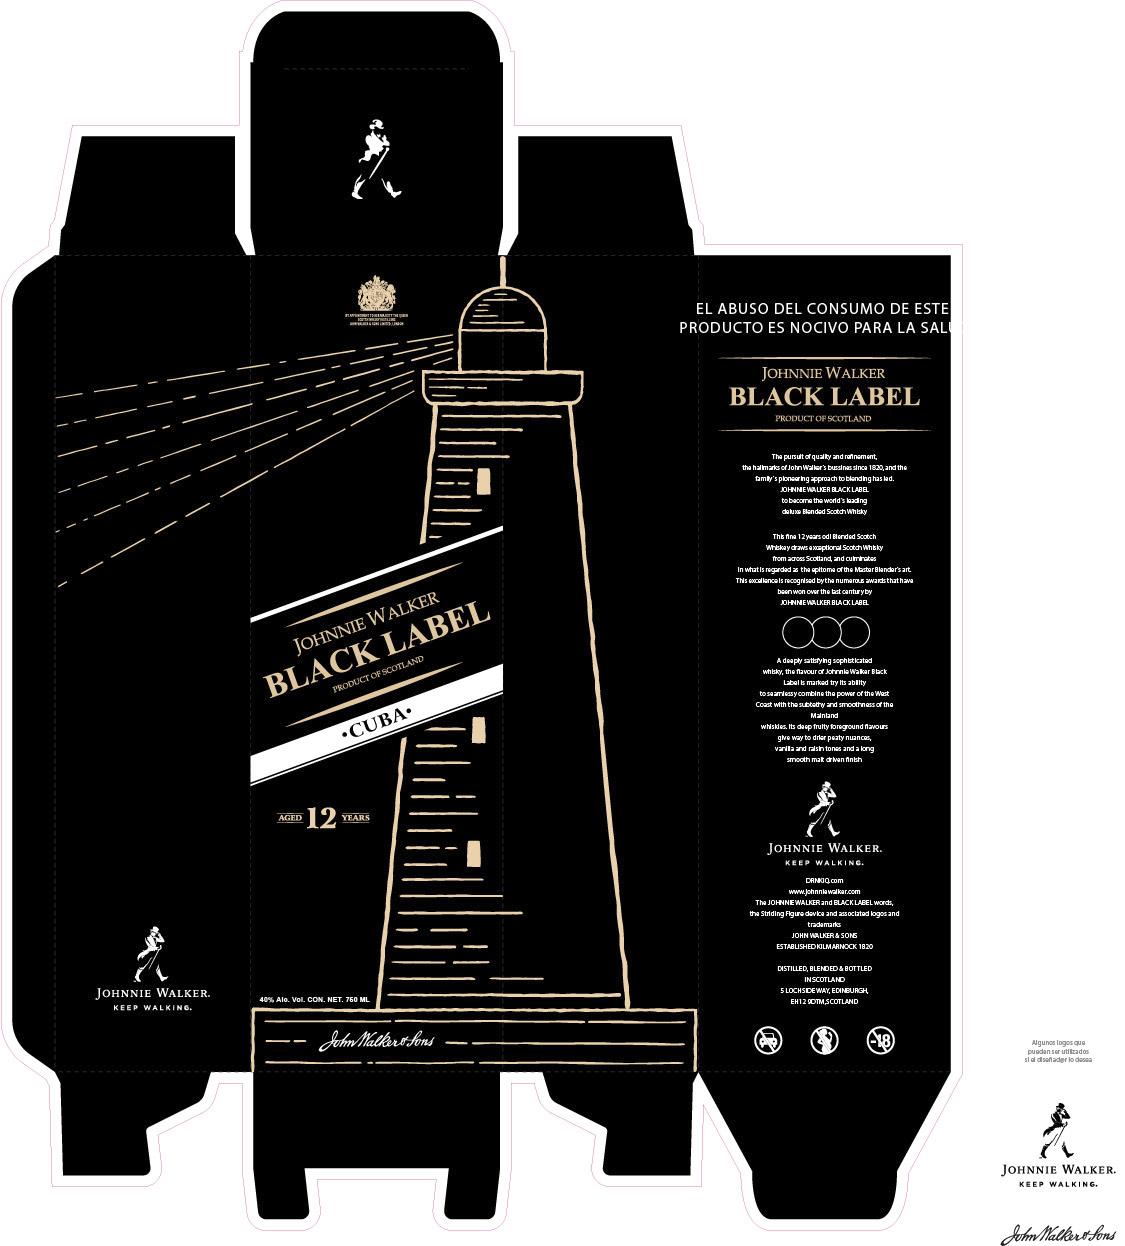 Concurso Johnnie Walker Keep Designing. Selección. José Manuel Arnedo.